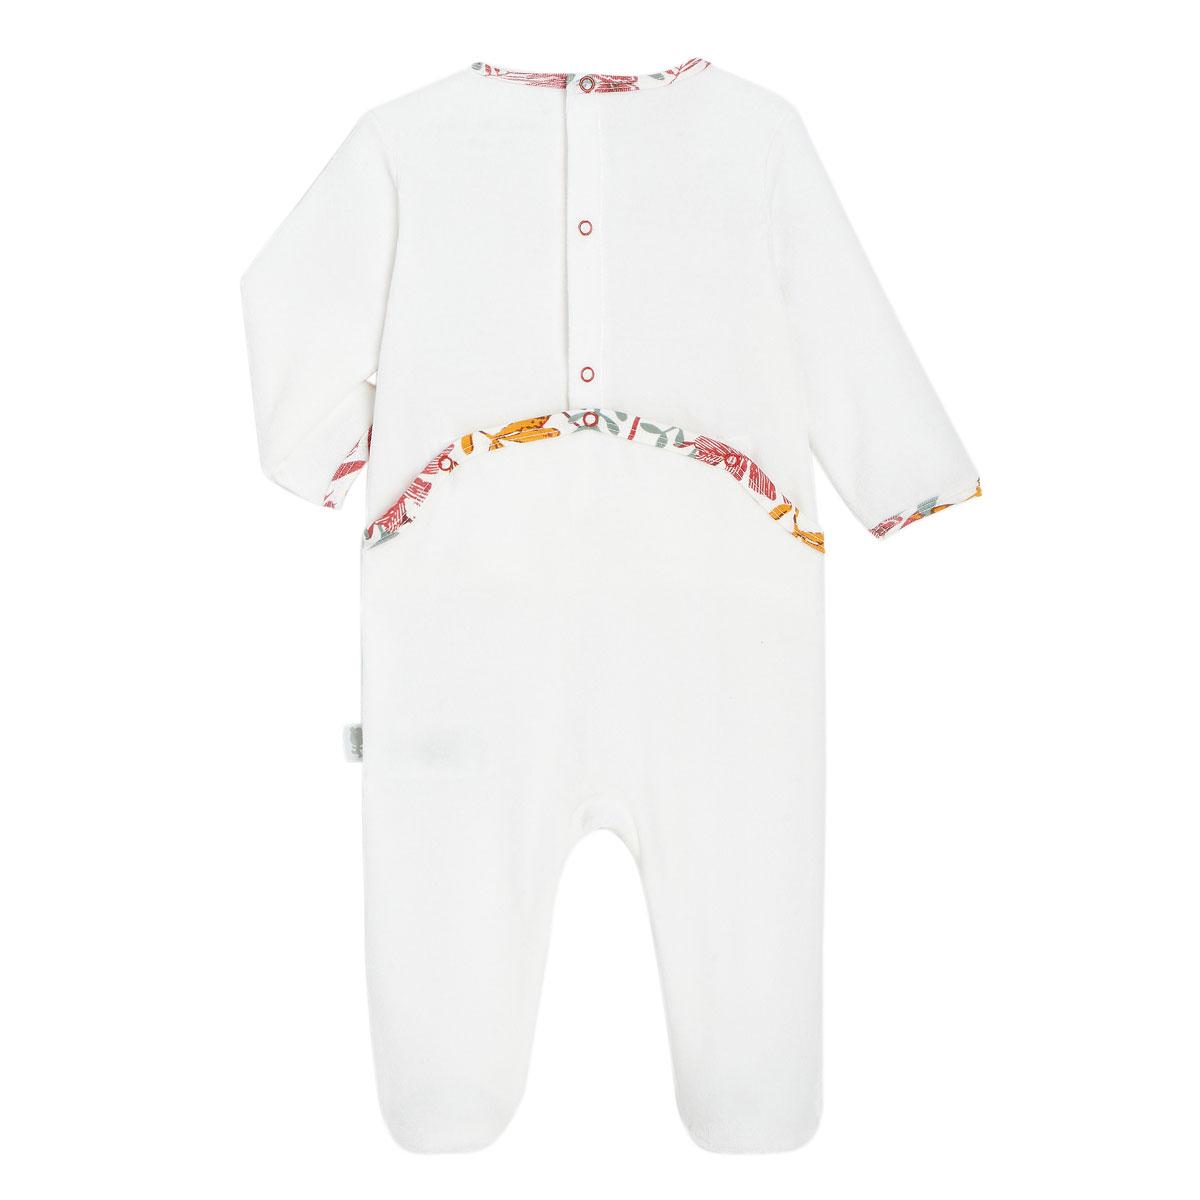 Pyjama bébé en velours contenant du coton bio BonjourAmour dos